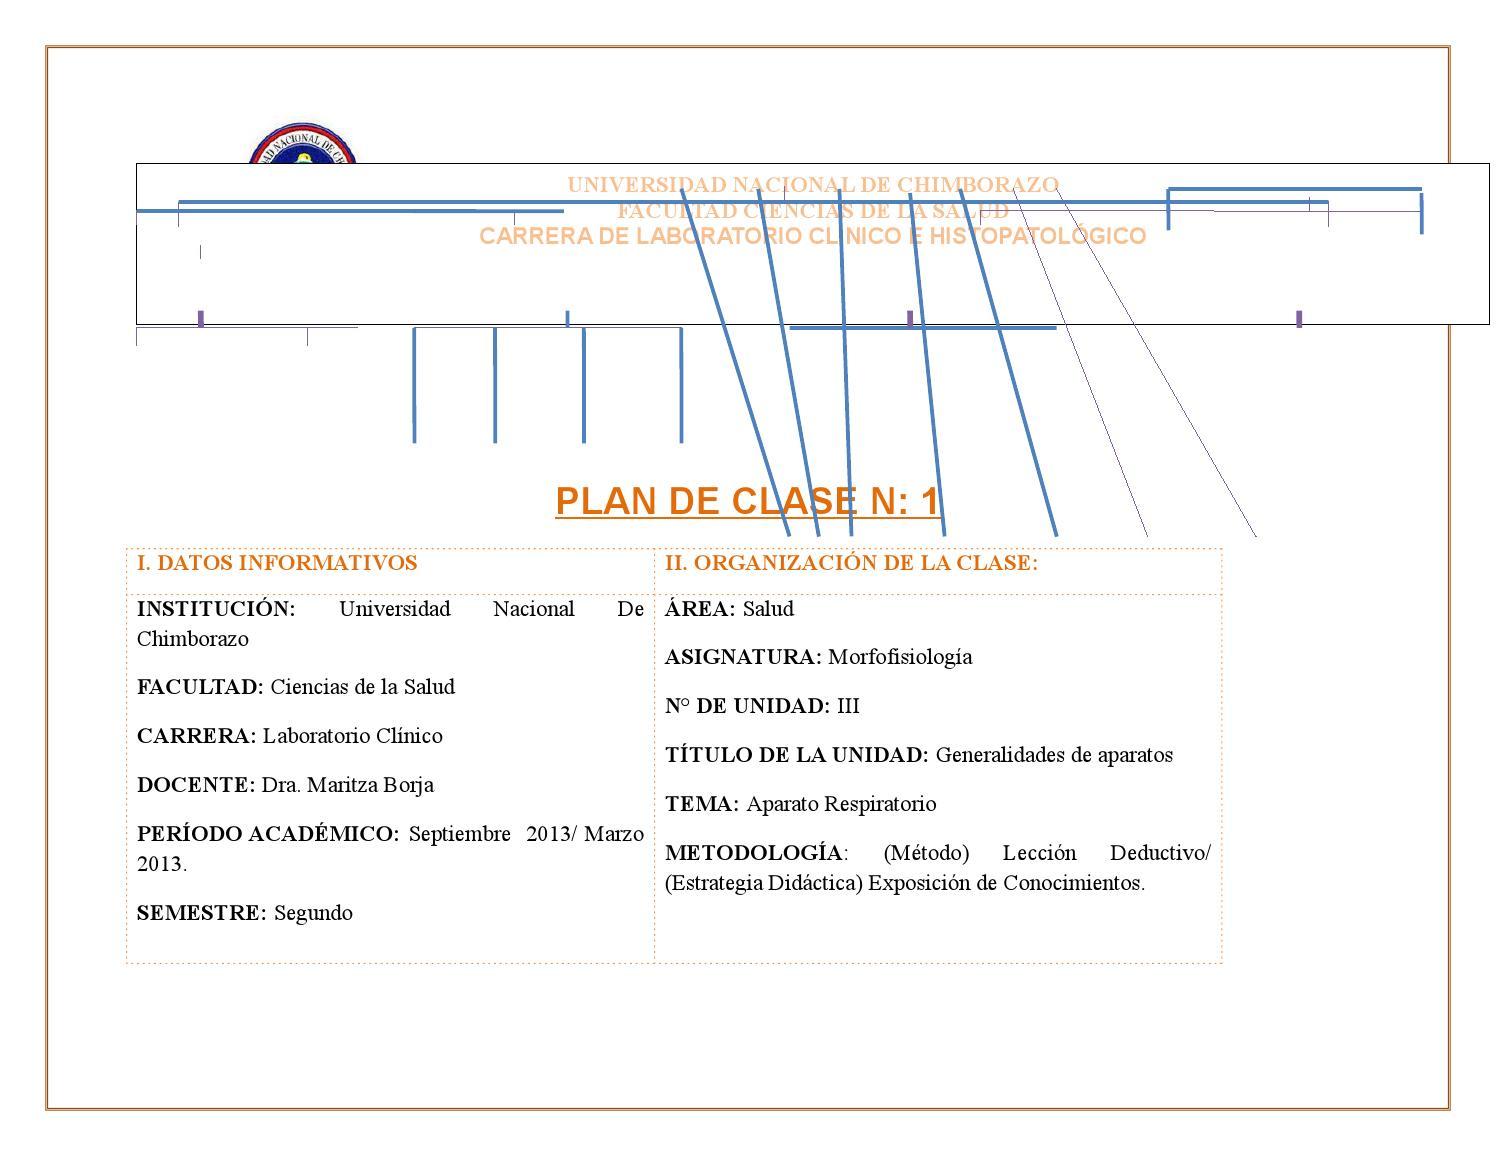 Plan de clase aparato respiratorio by MARITZA ALEXANDRA BORJA ...